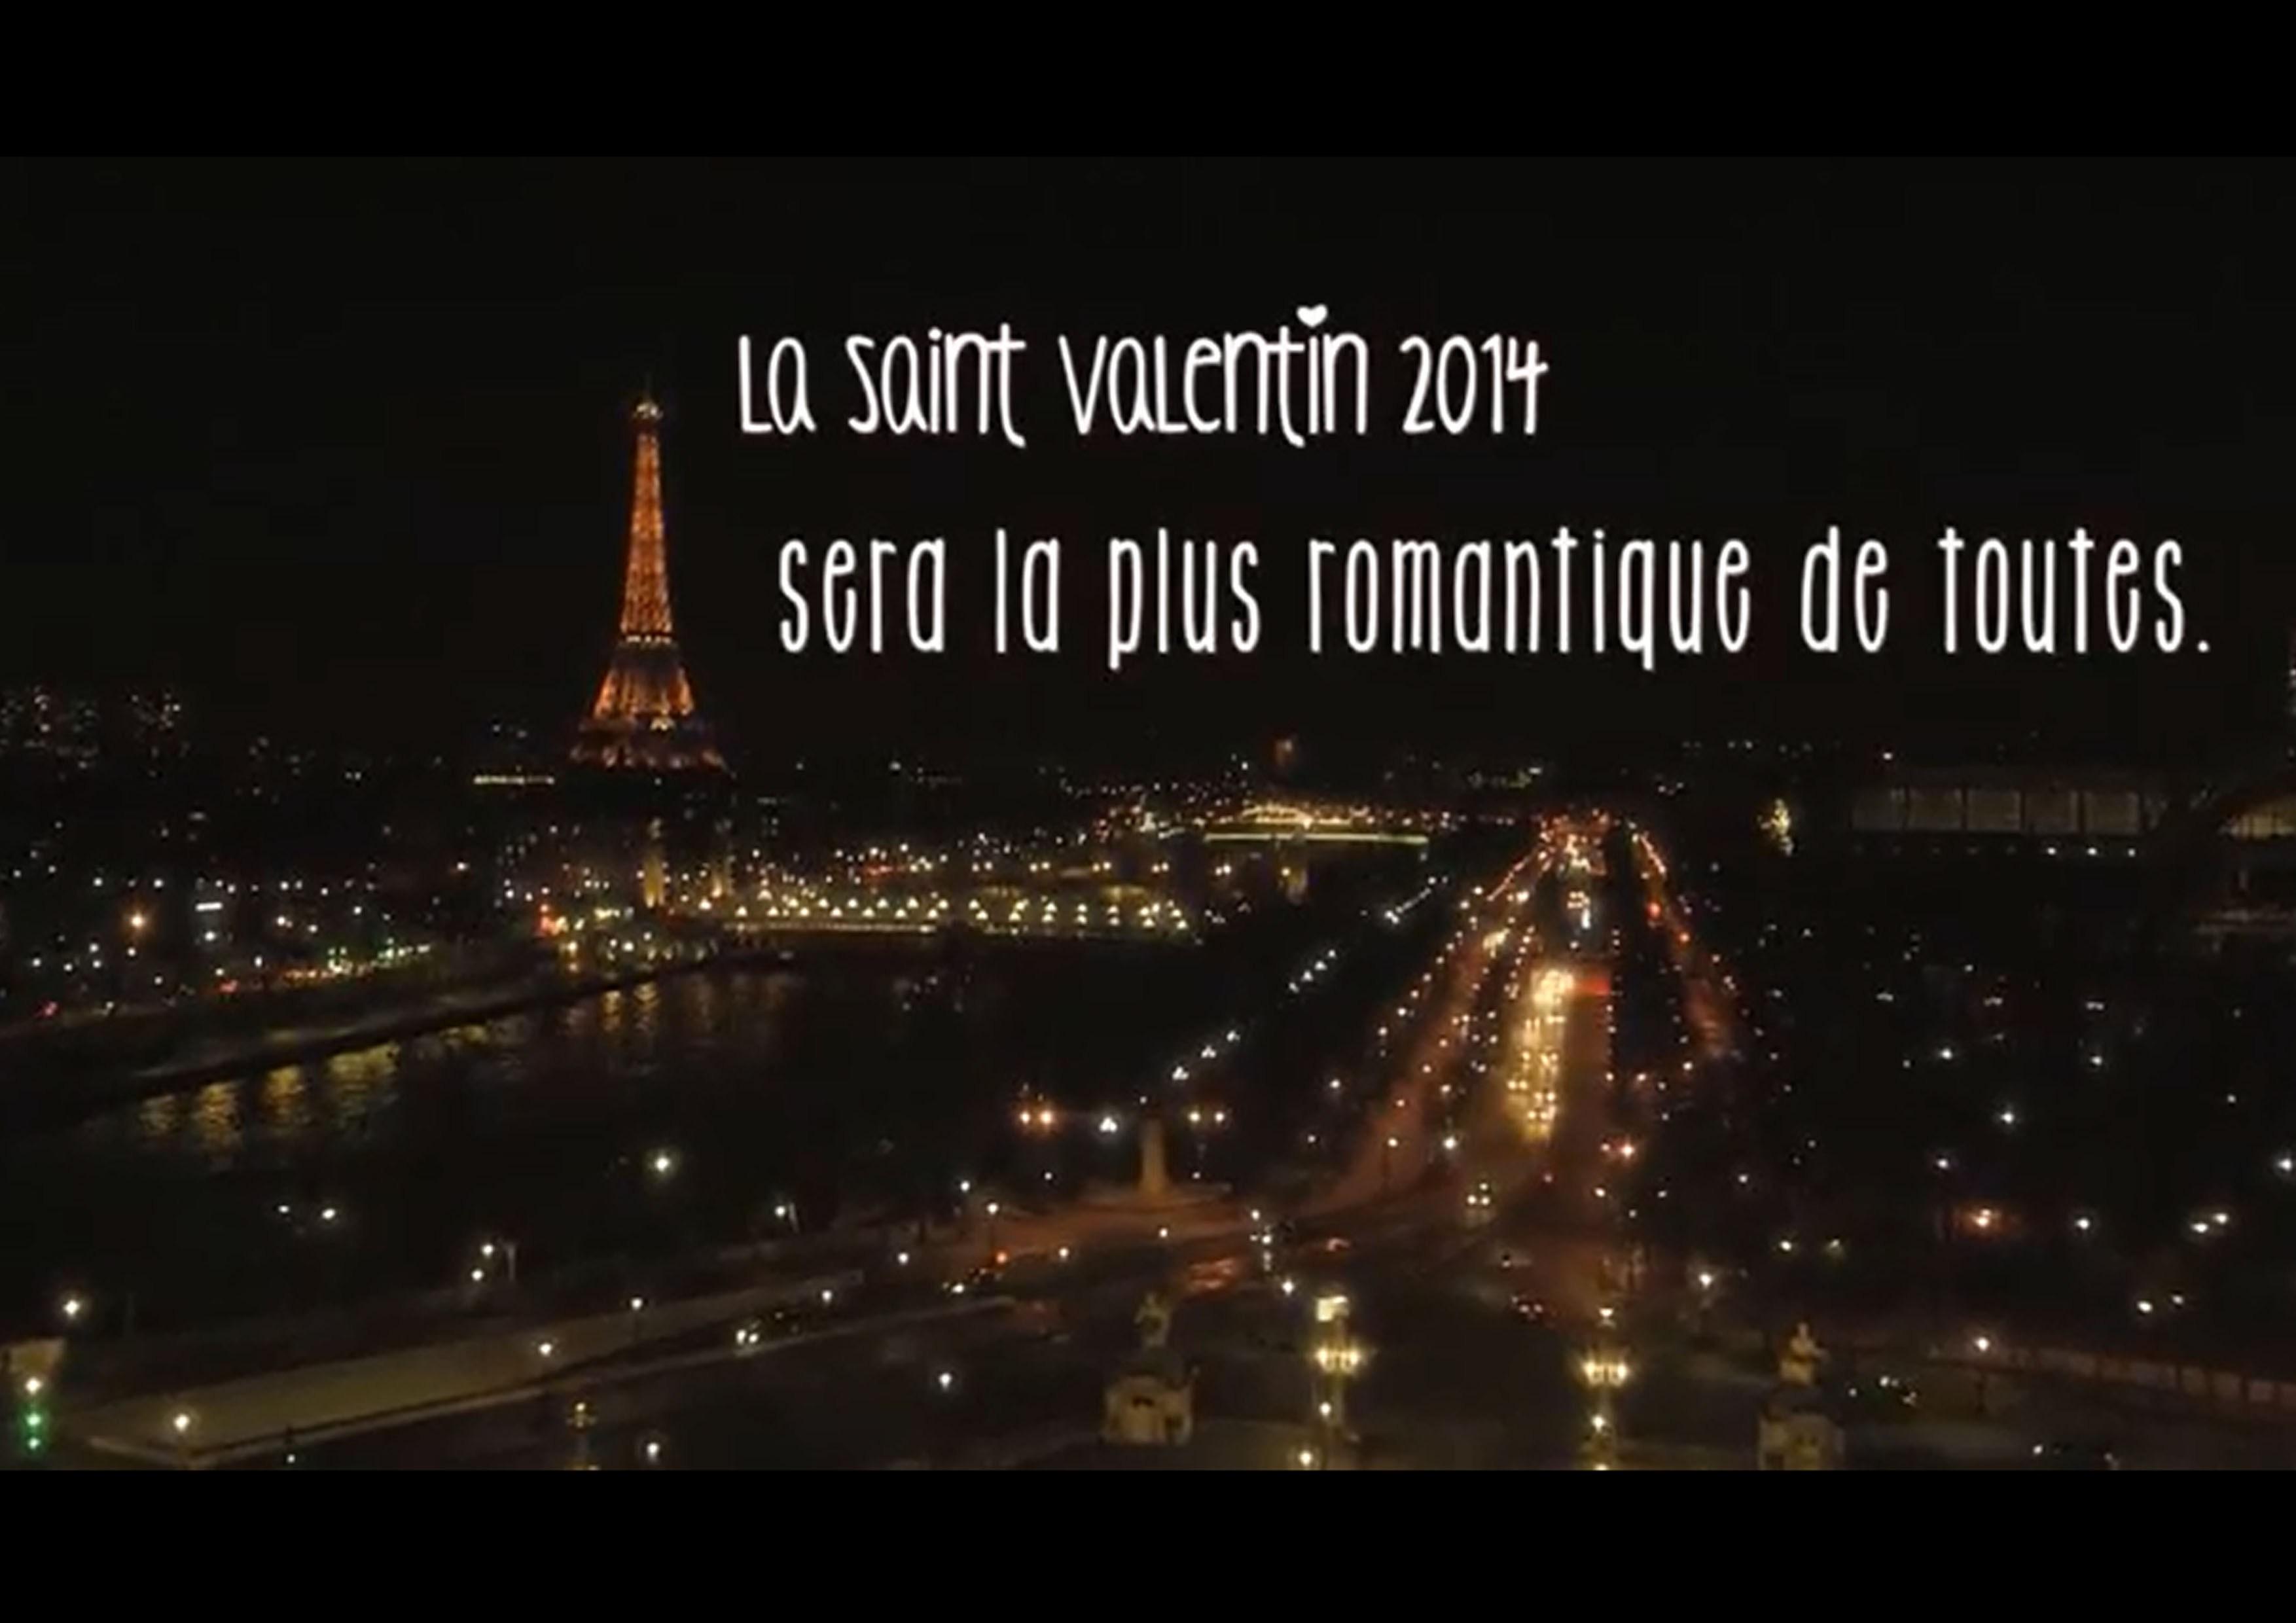 St-valentin-01